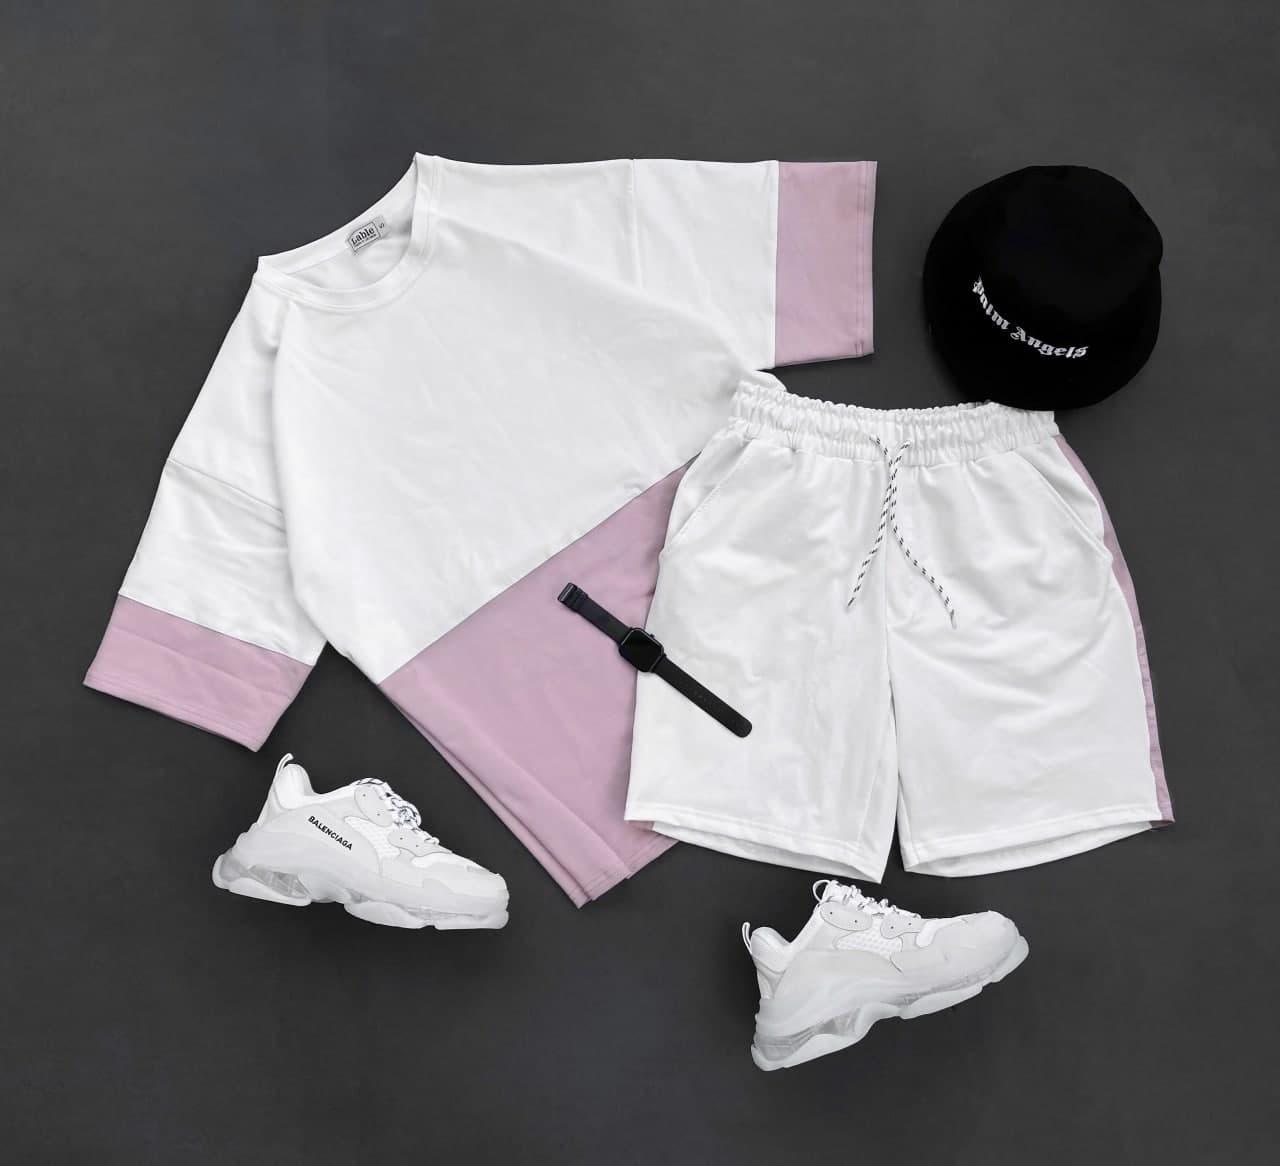 Спортивний костюм Чоловічий спортивний комплект ліловий/ чоловічий комплект шорти+футболка ліловий